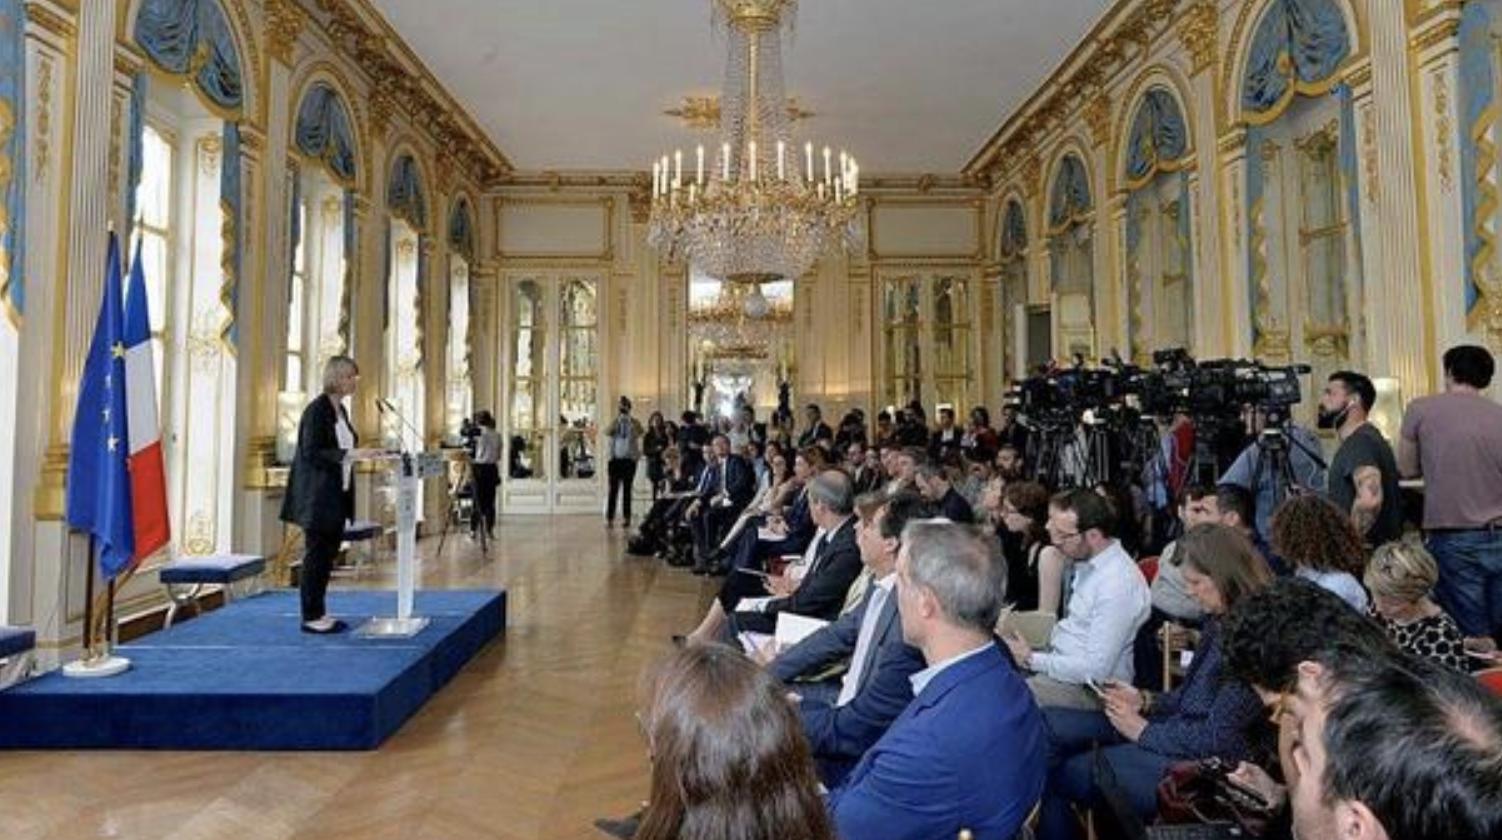 Ce lundi, François Nyssen a présenté son scénario pour réformer l'audiovisuel public © Thibaut Chapotot / Ministère de la Culture